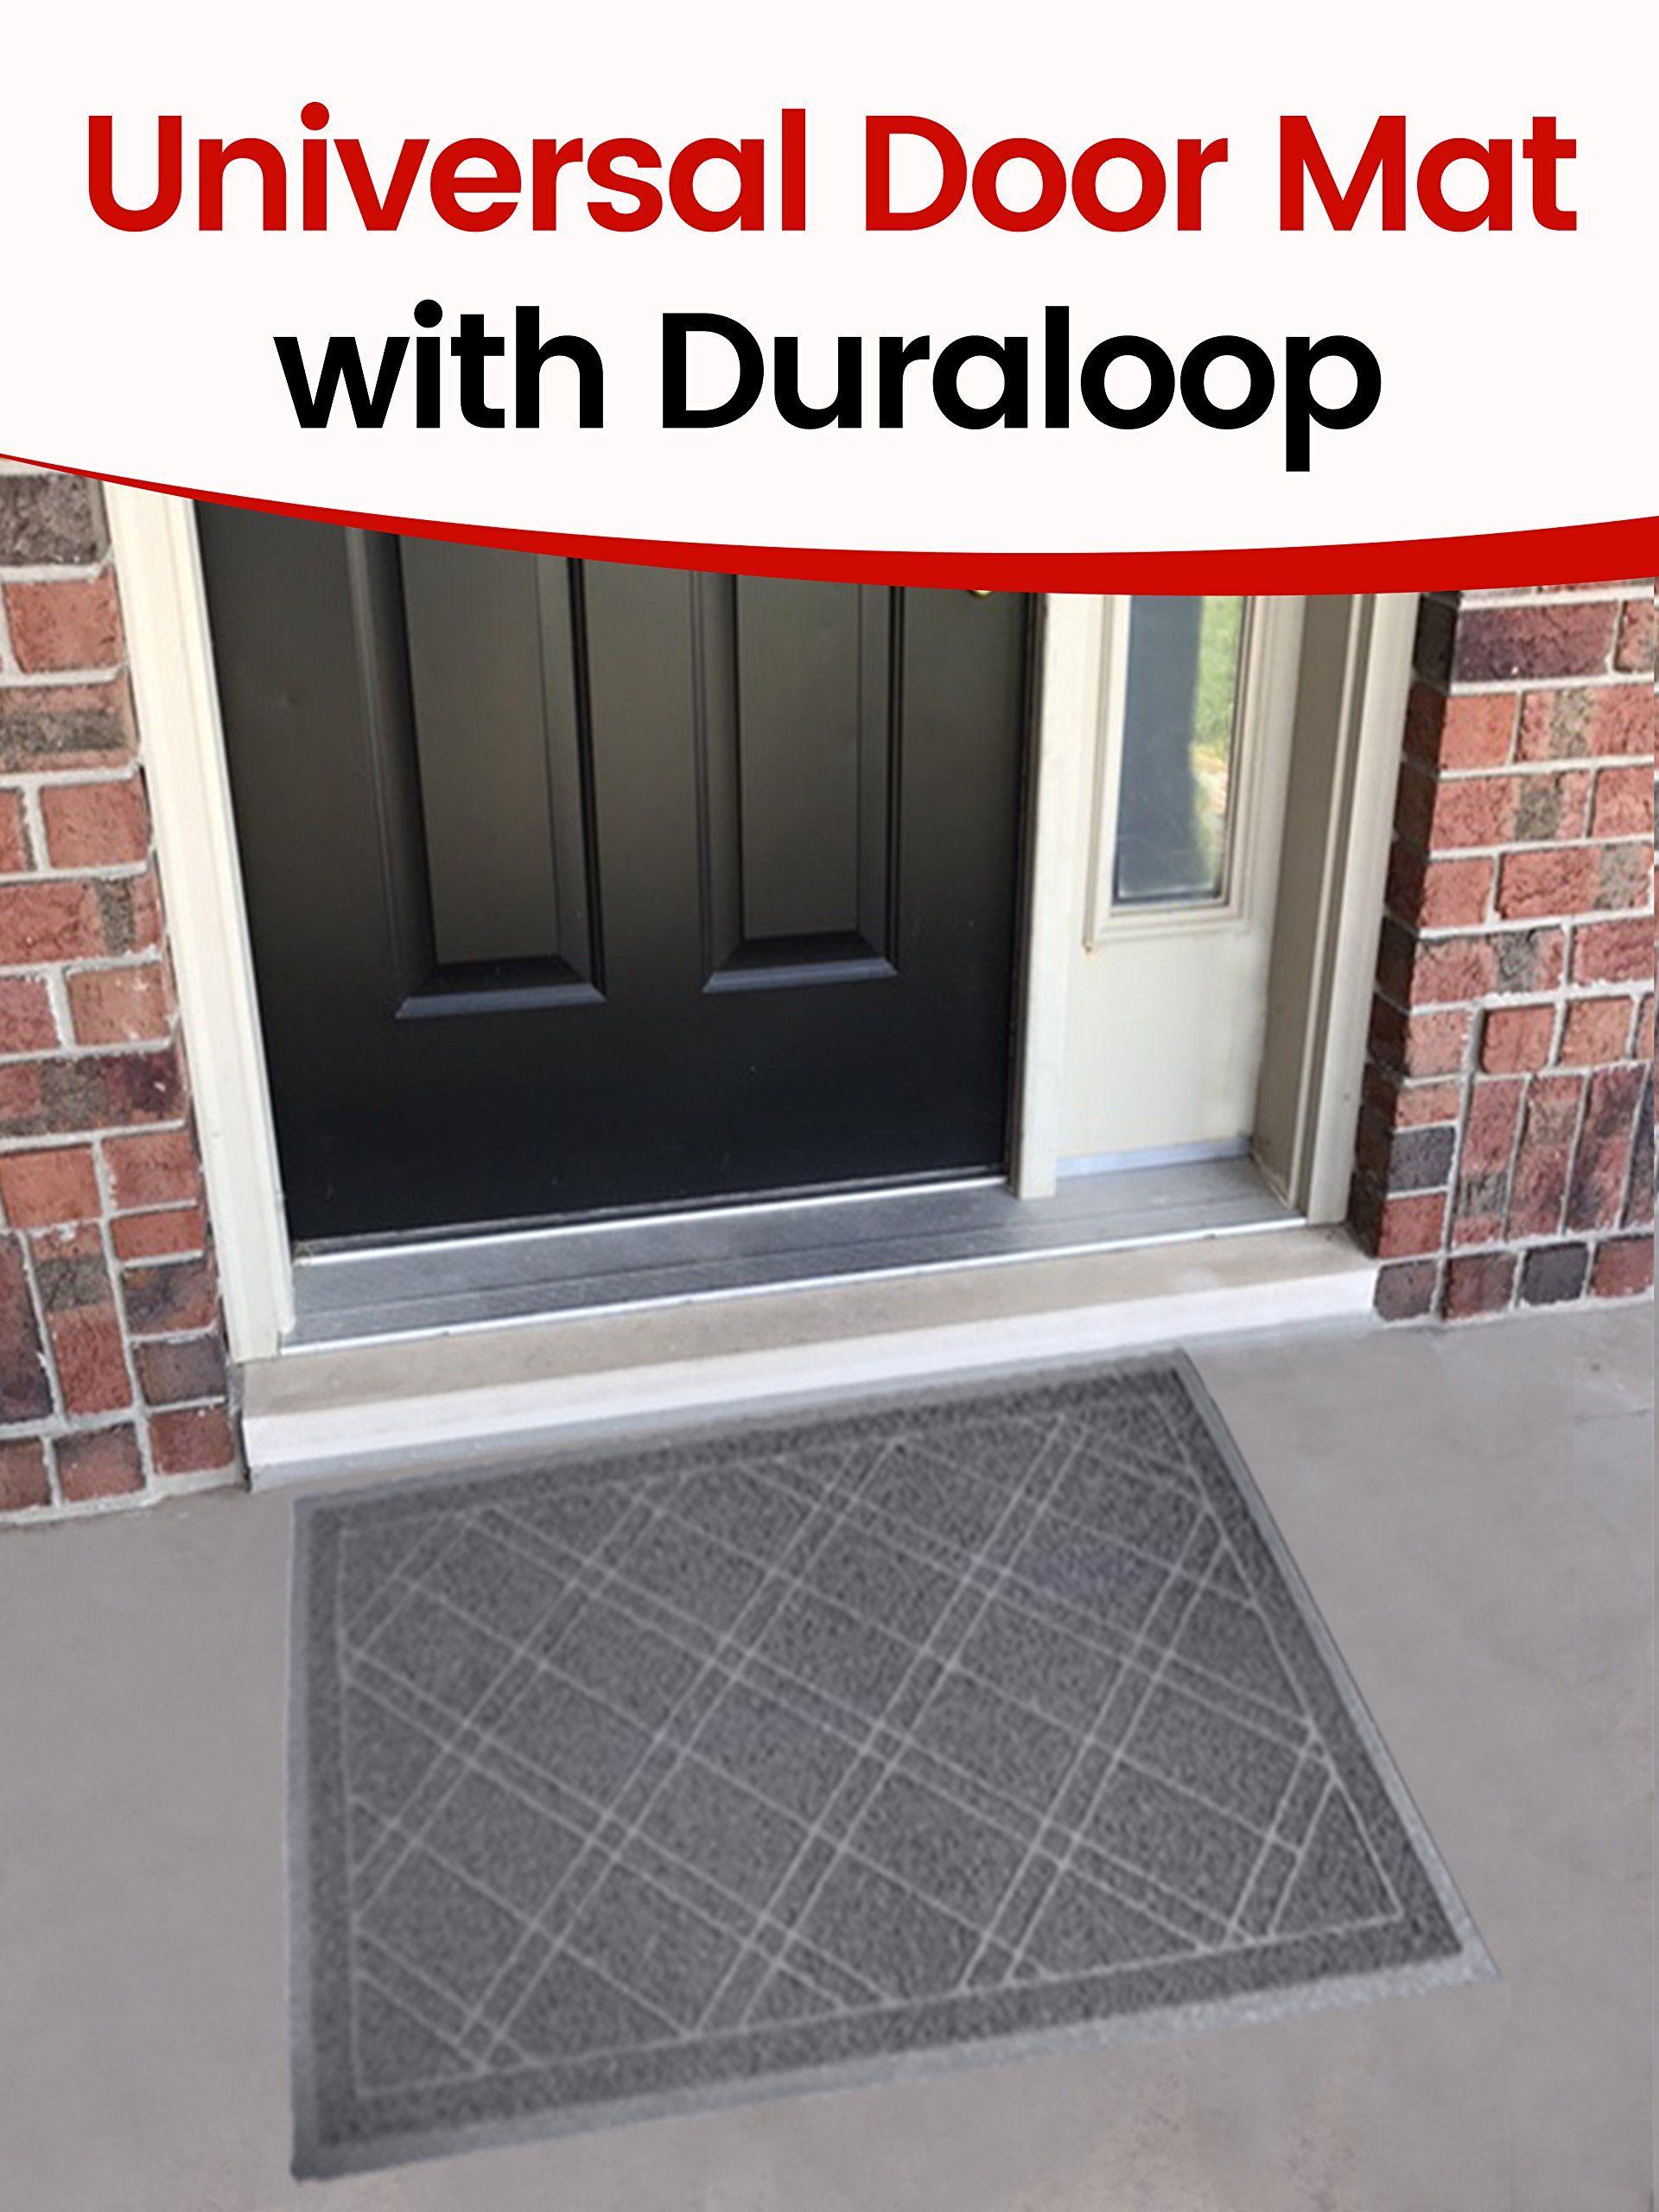 Sliptogrip Jumbo Door Mat Indoor Outdoor 42x35 Gray Duraloop Want To Know More Click On The Image It Is An Affiliate Link Grey Door Mats Doors Door Mat